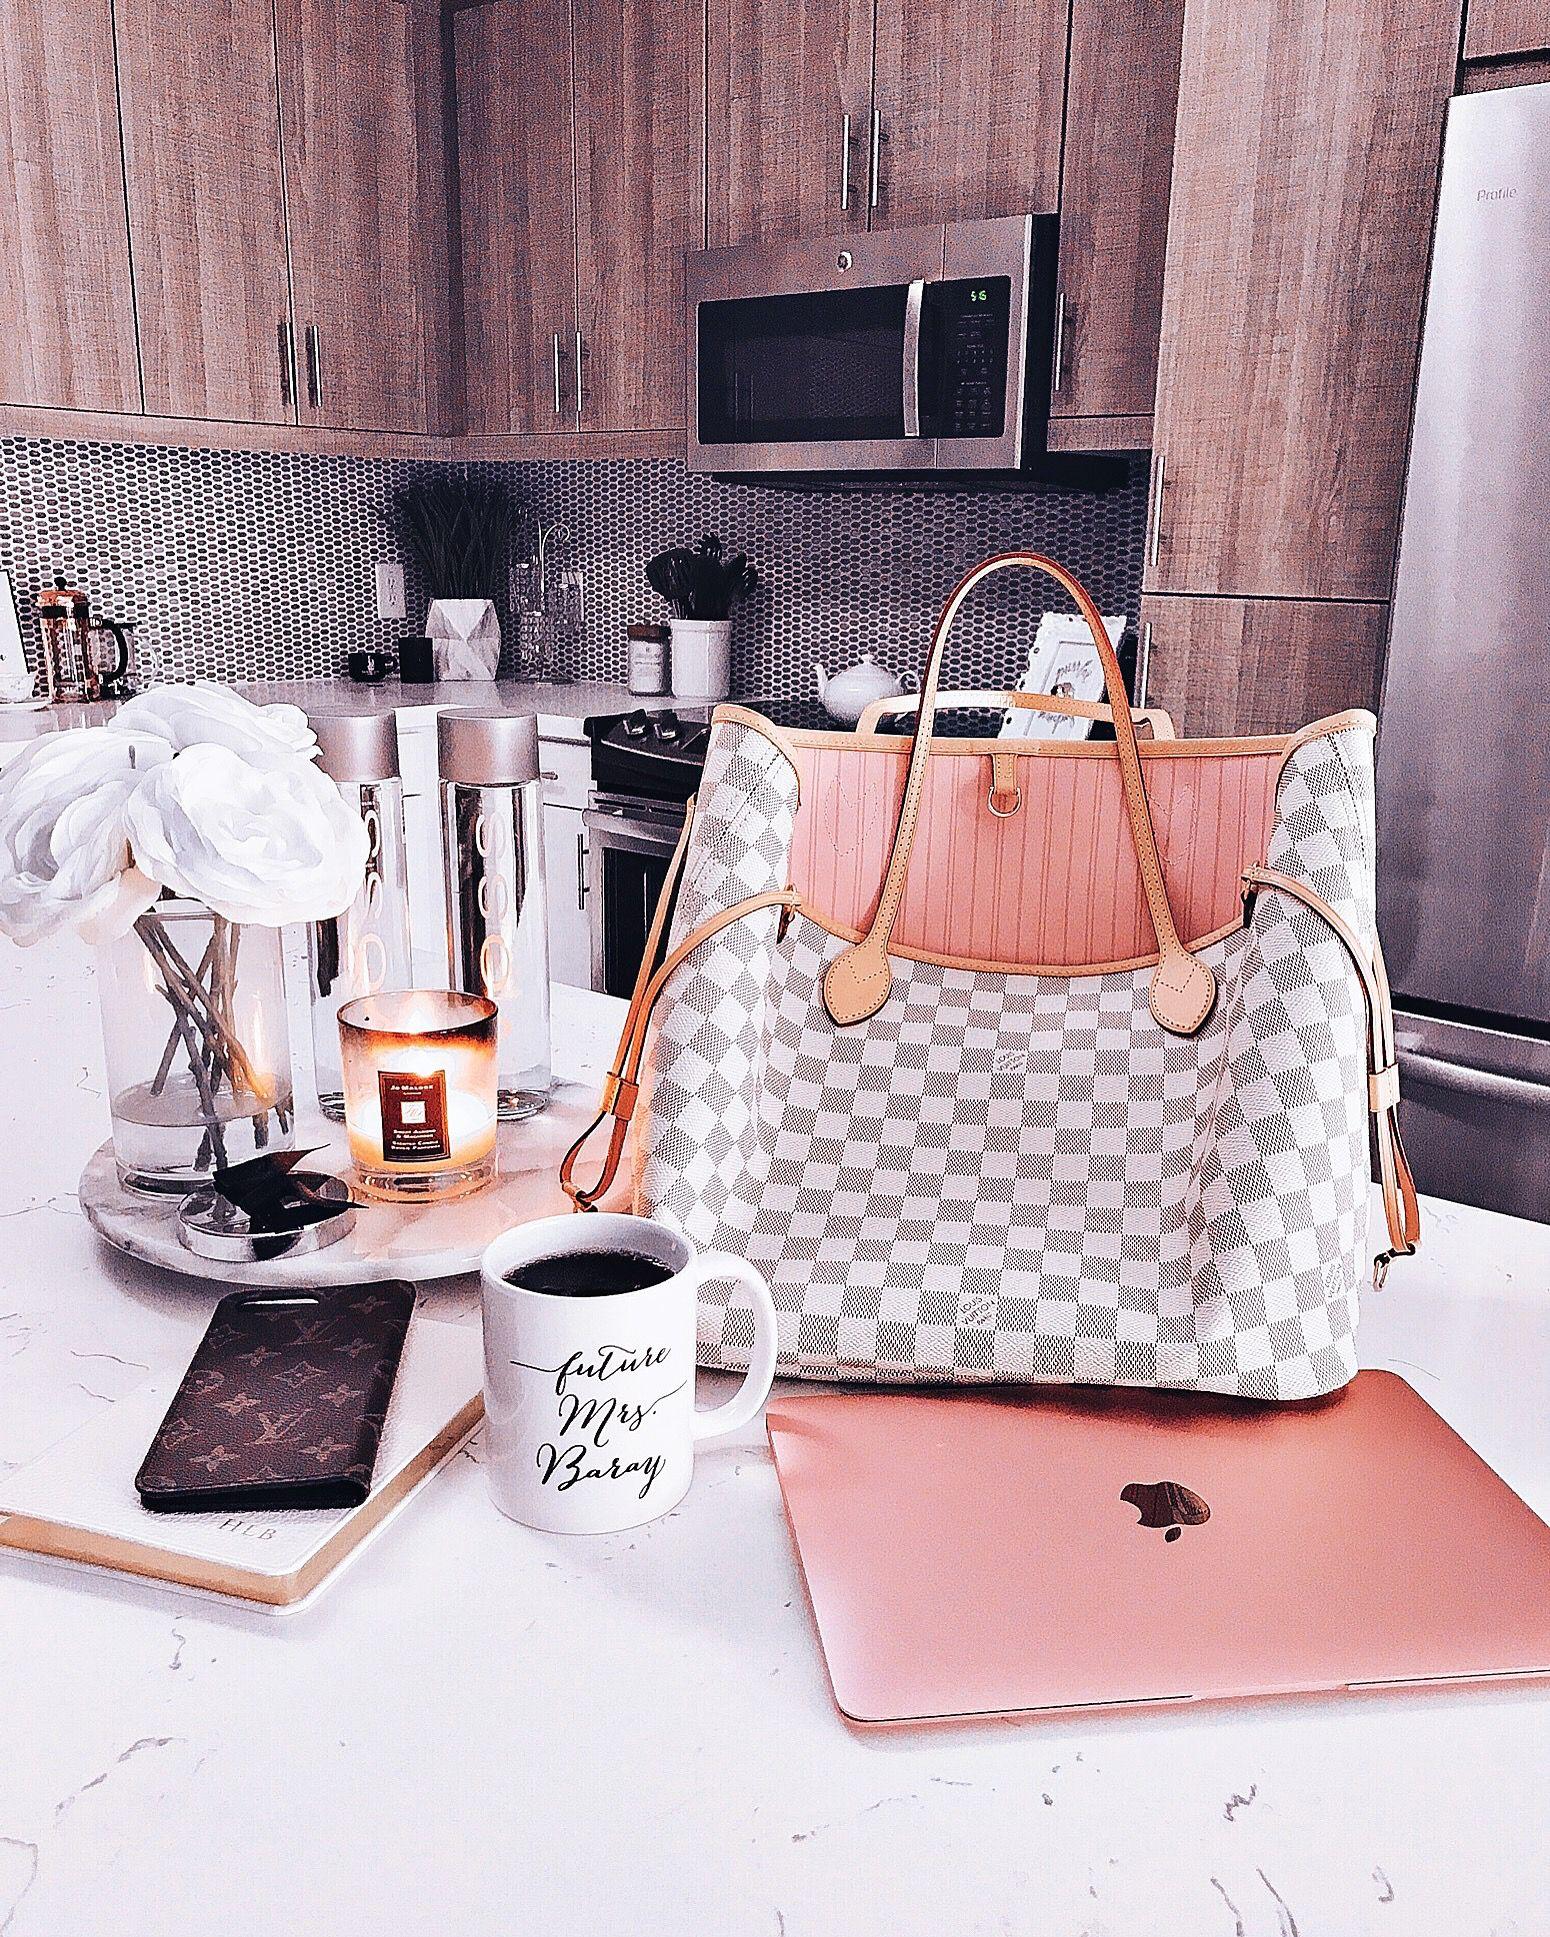 Blondie in the City   Kitchen Decor    HayleyLarue Instagram   Louis Vuitton  Neverfull MM 6242181e369